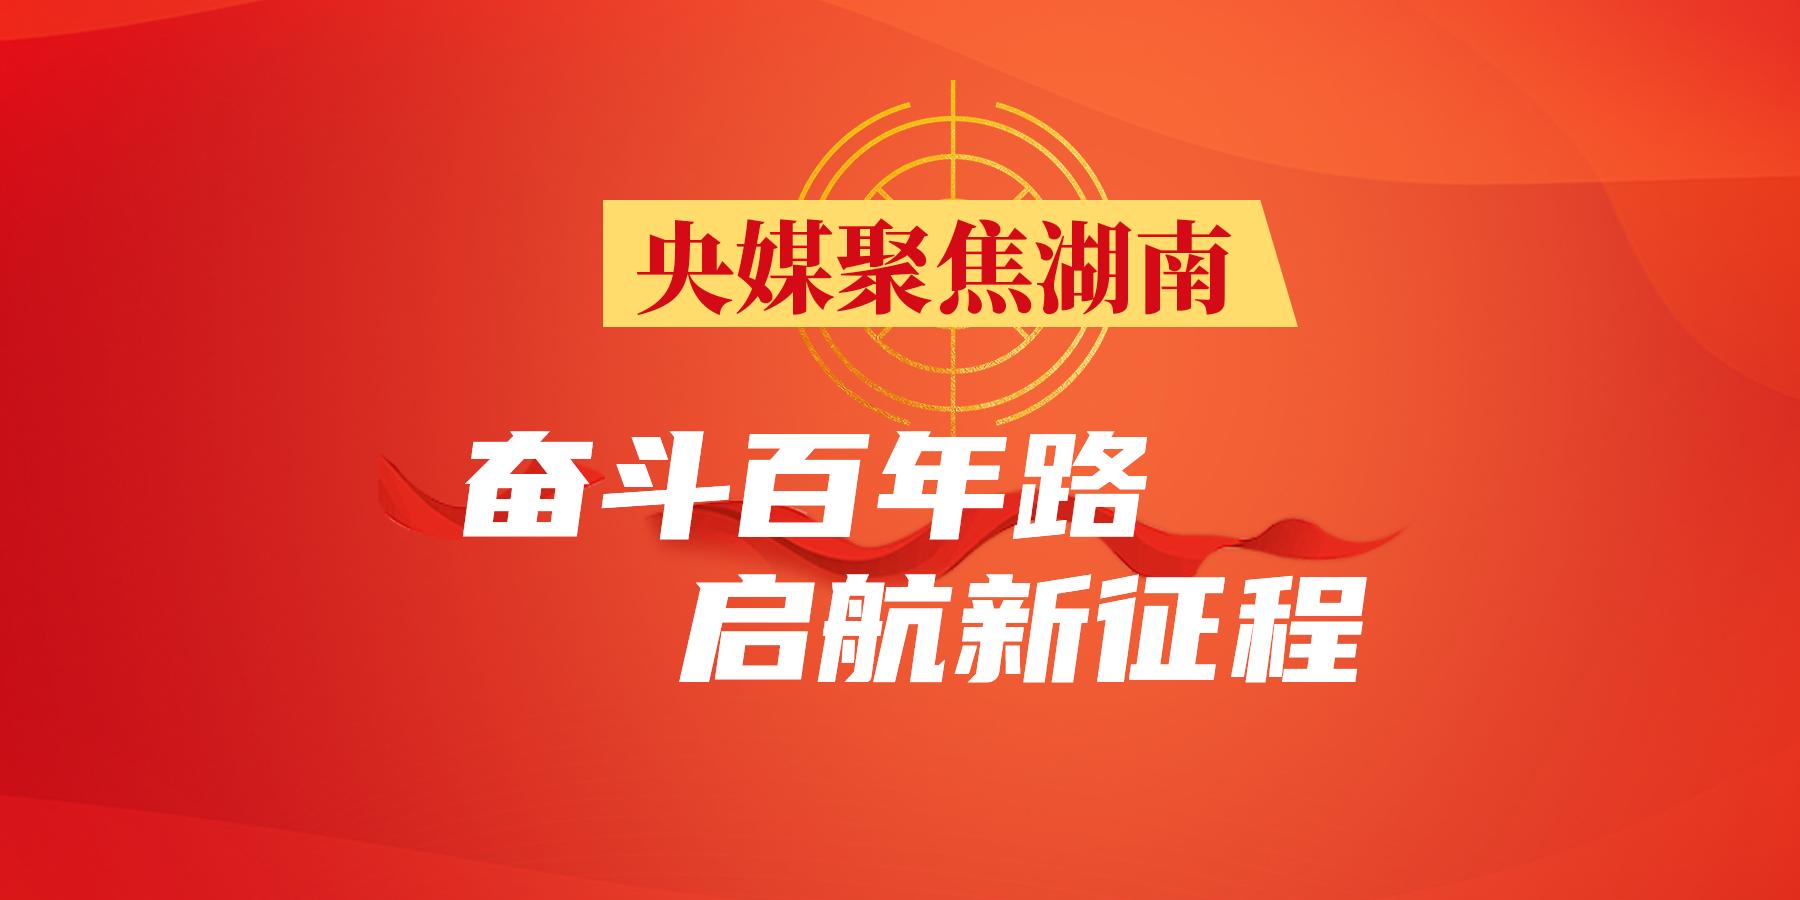 【专题】央媒聚焦湖南·奋斗百年路 启航新征程